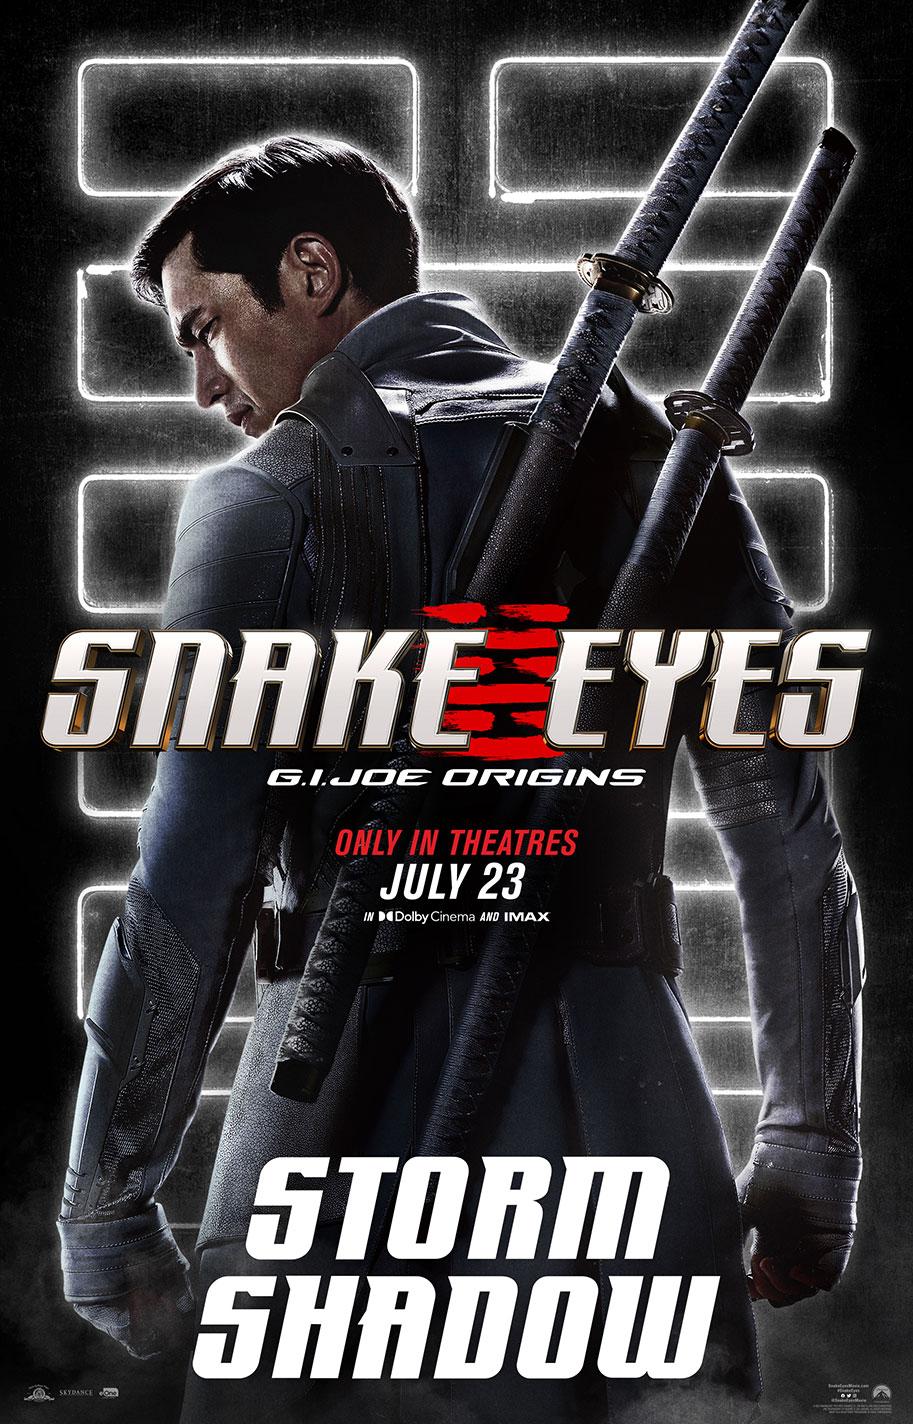 G.I. JOE: Xà Nhãn Báo Thù - Snake Eyes: G.I. Joe Origins